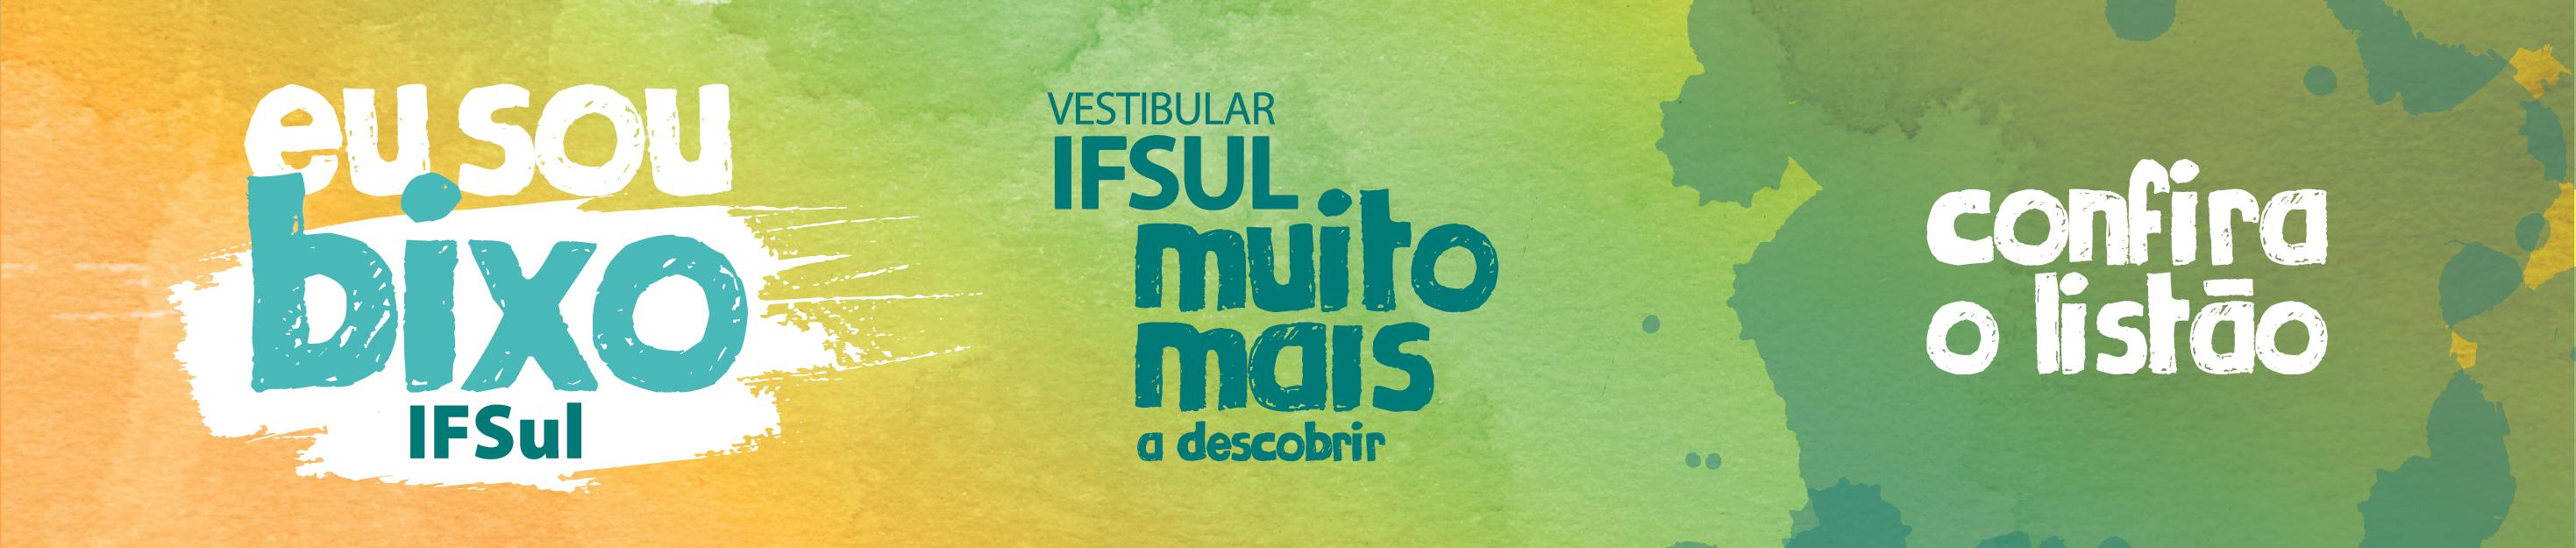 Vestibular IFSul Verão 2019